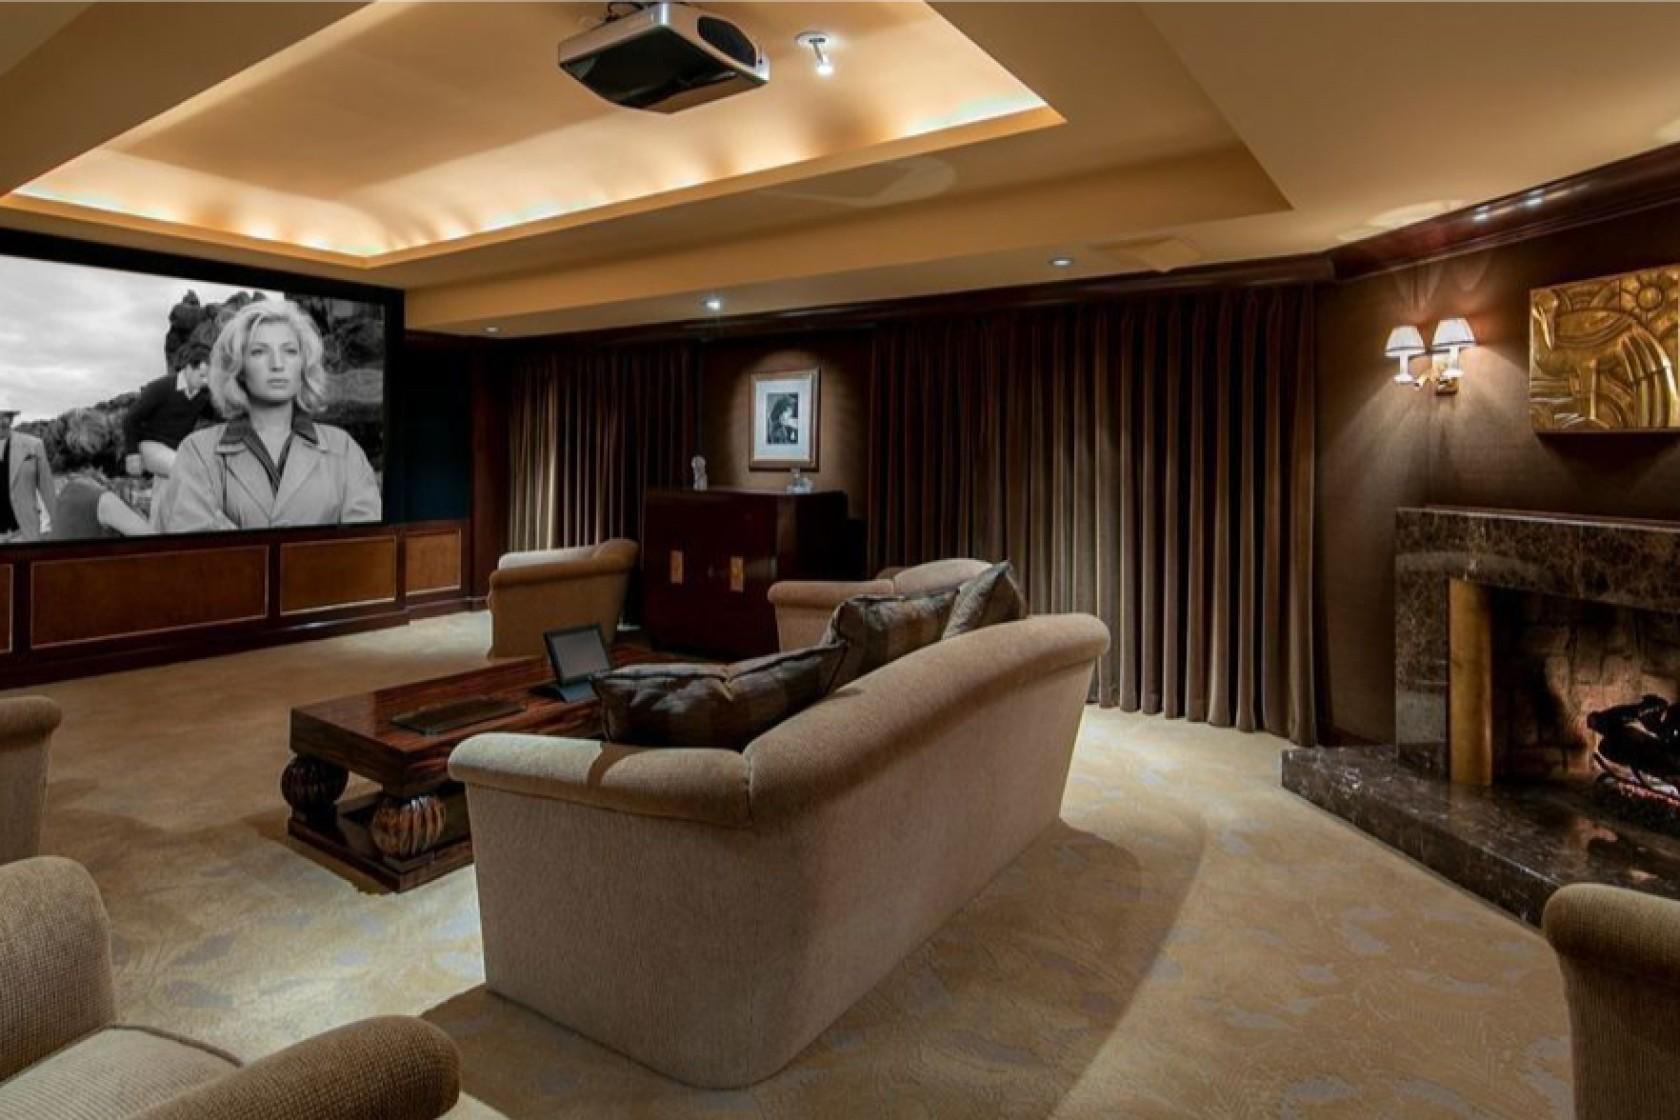 Cine en casa / Realtor.com